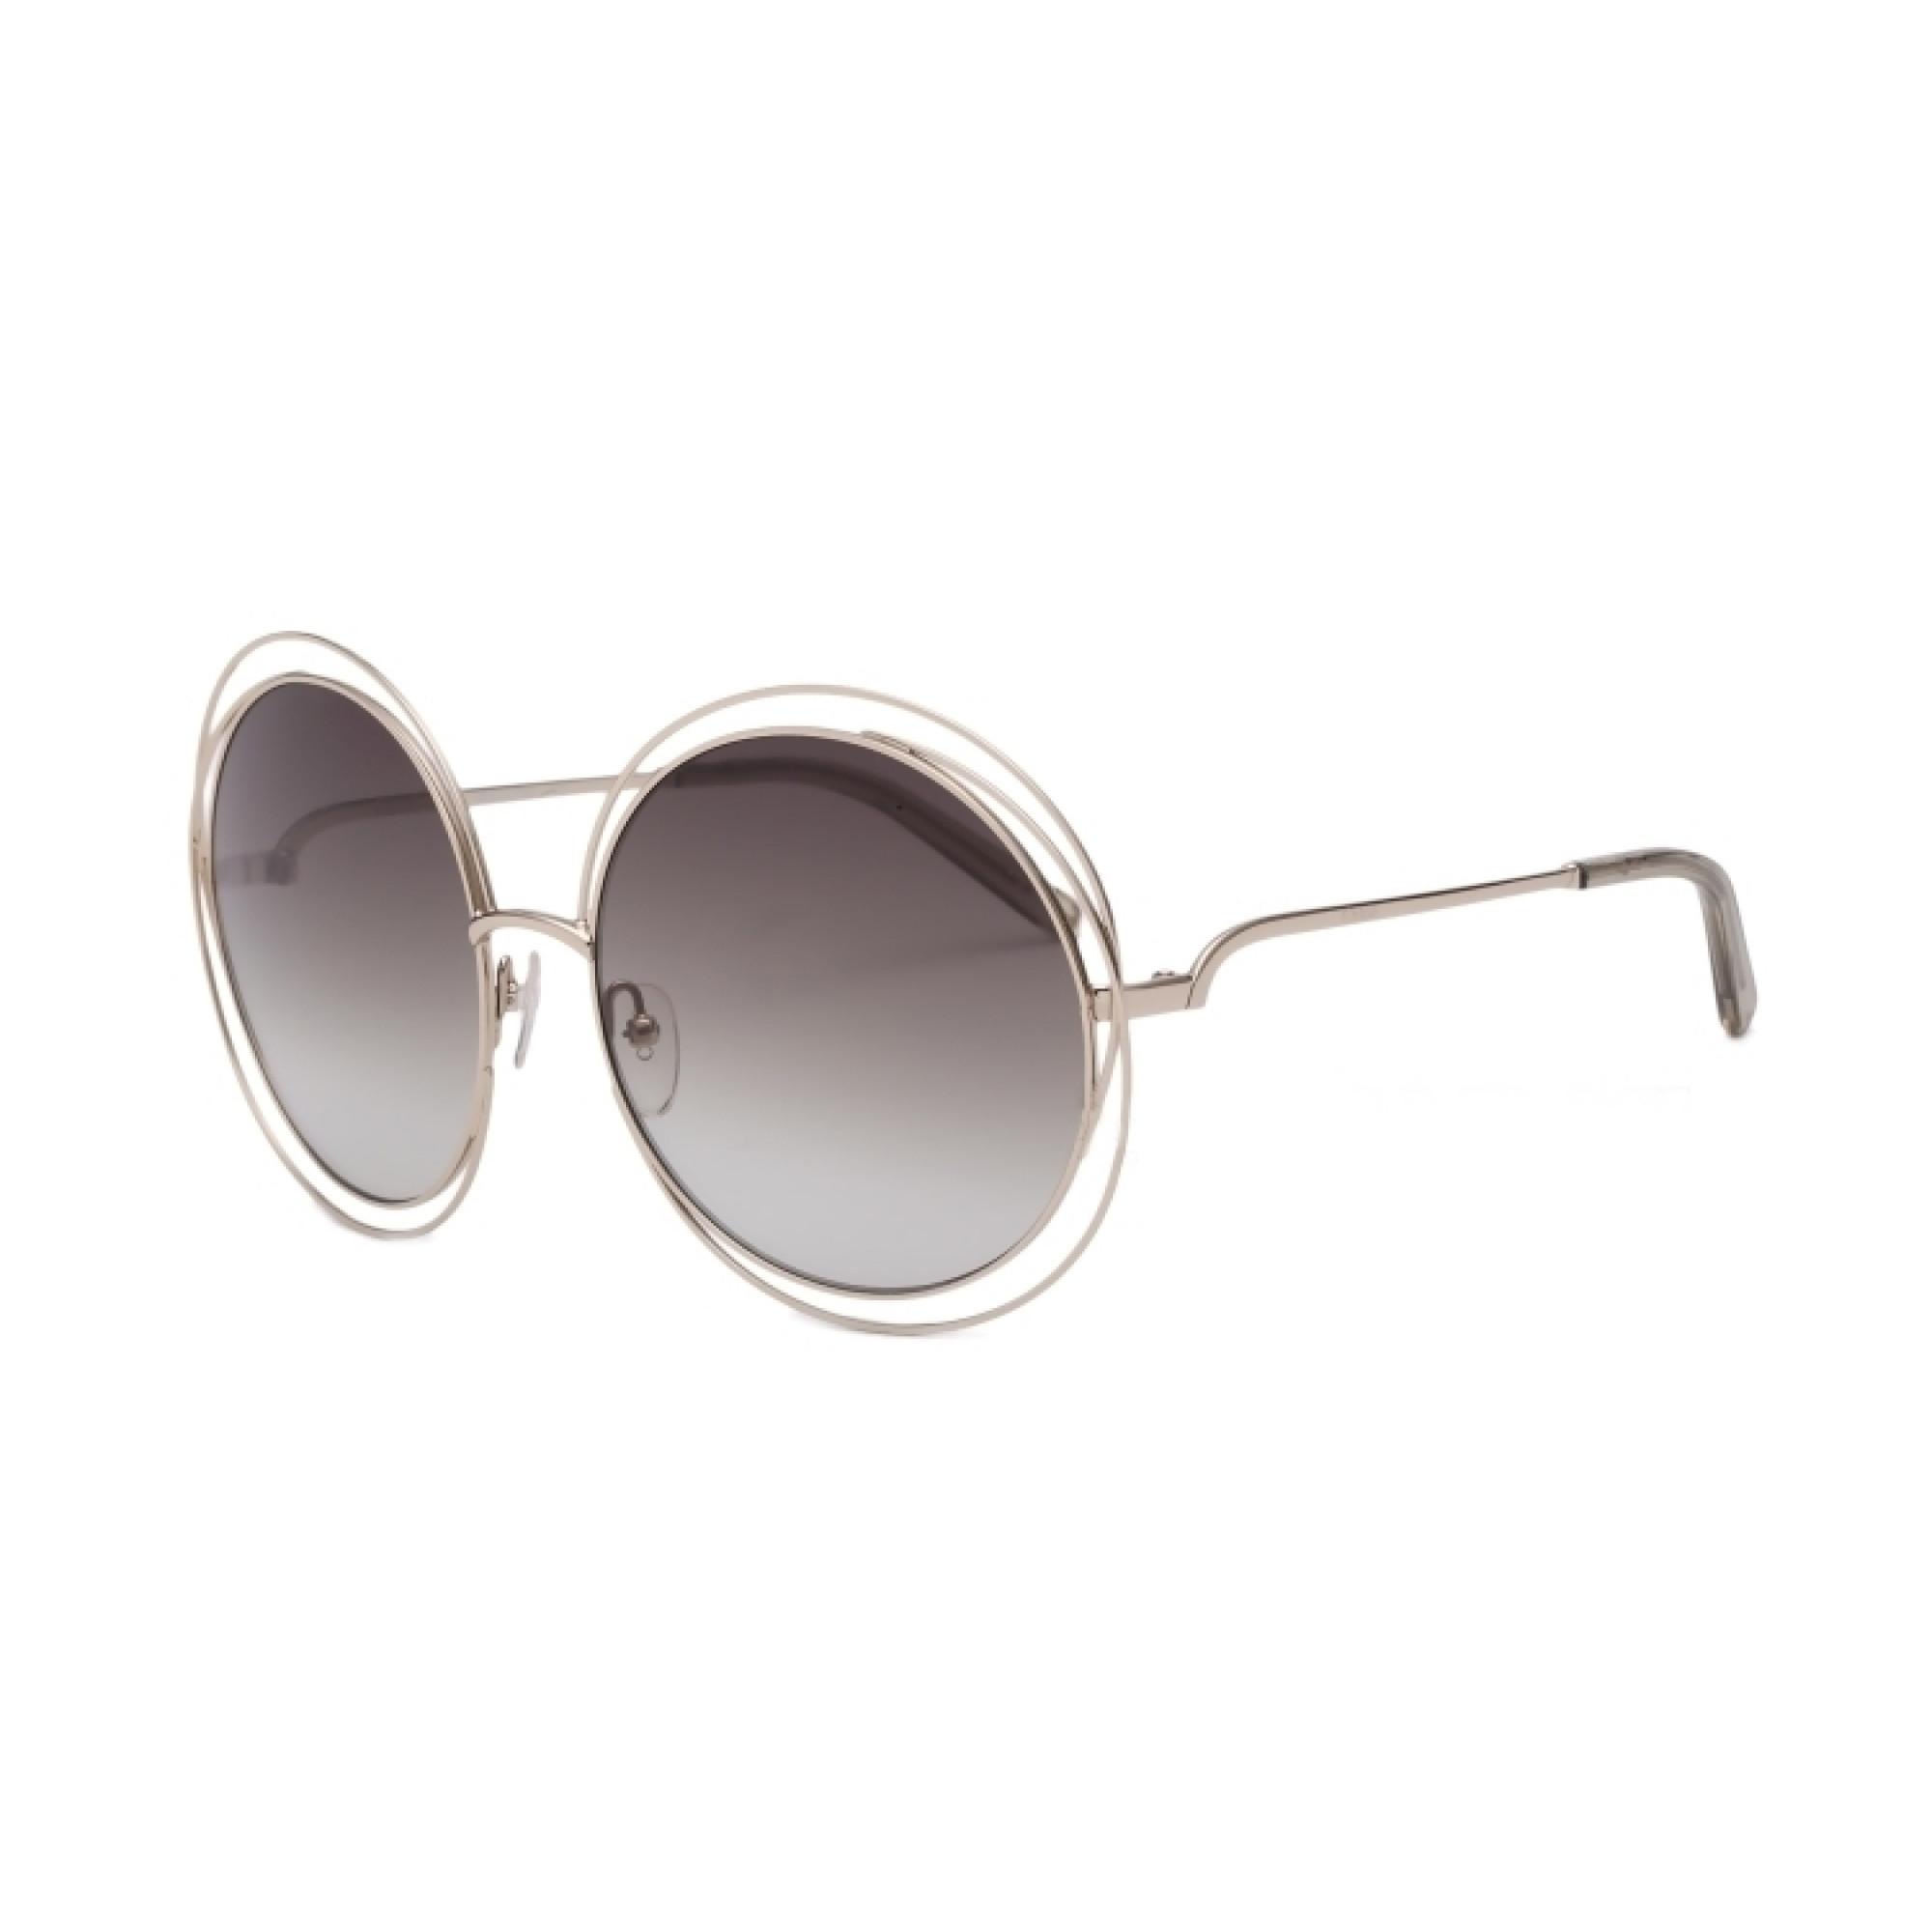 9a8b8fb06bca Купить очки Chloe в прозрачной оправе — в Киеве, код товара 24770